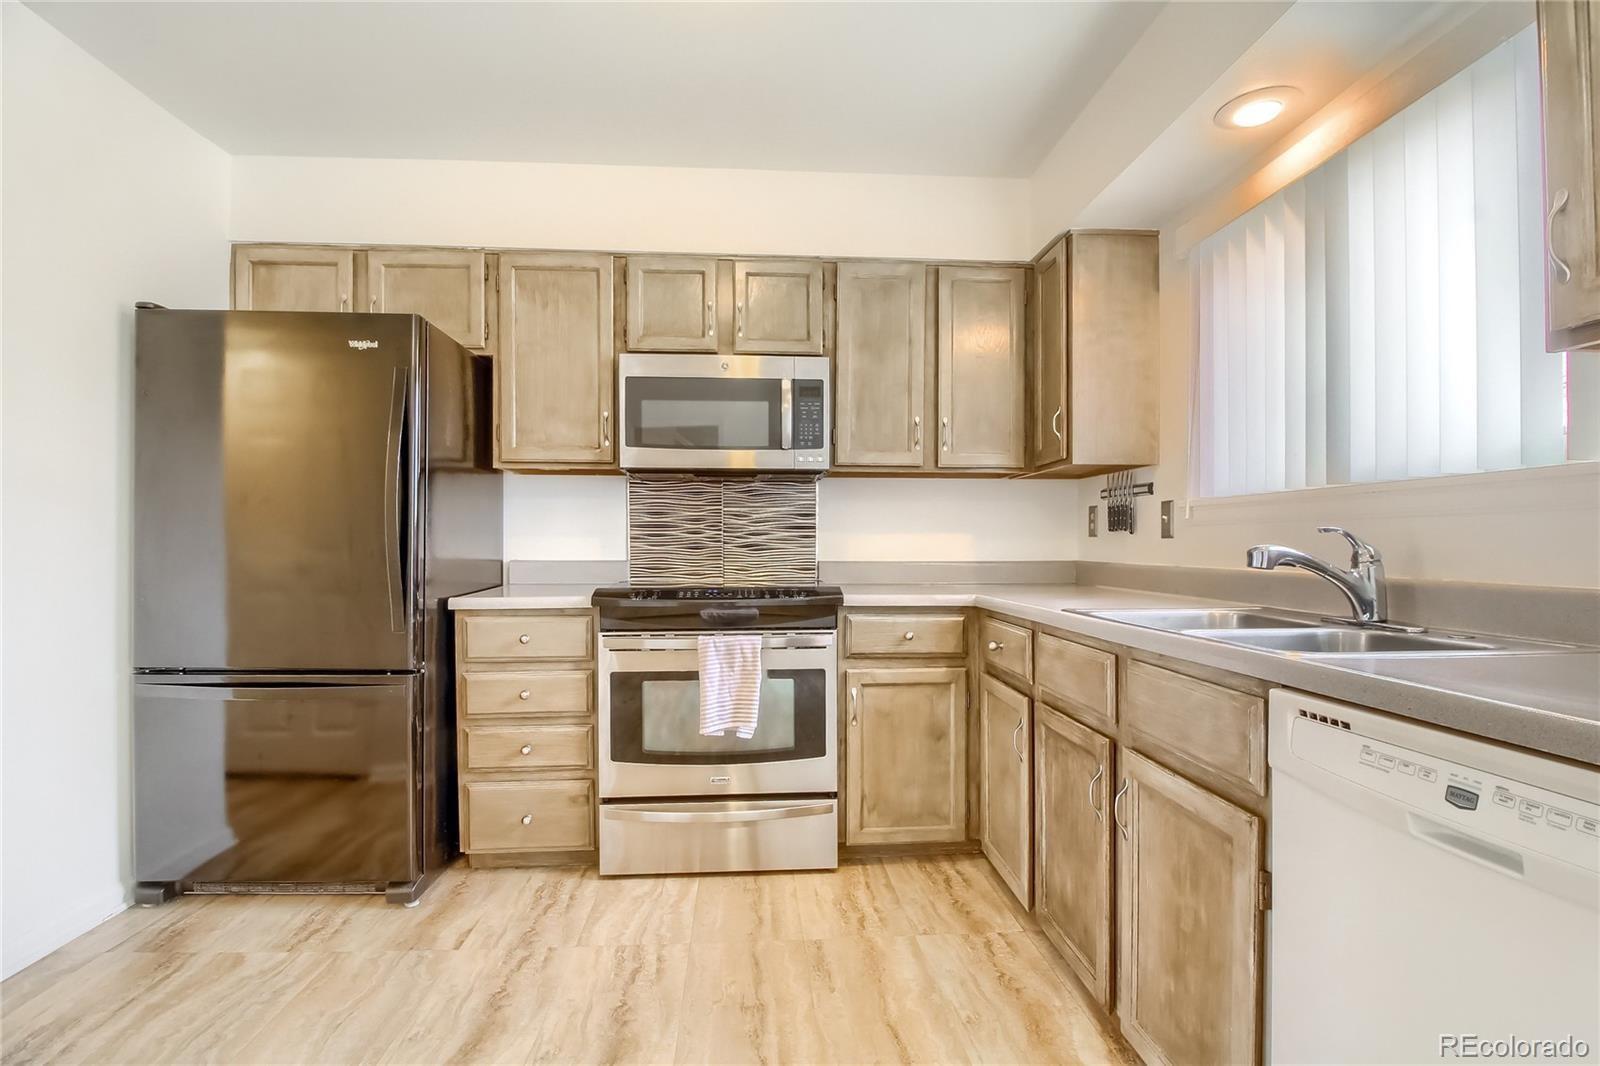 MLS# 5602217 - 16 - 4720 S Dudley Street #27, Denver, CO 80123